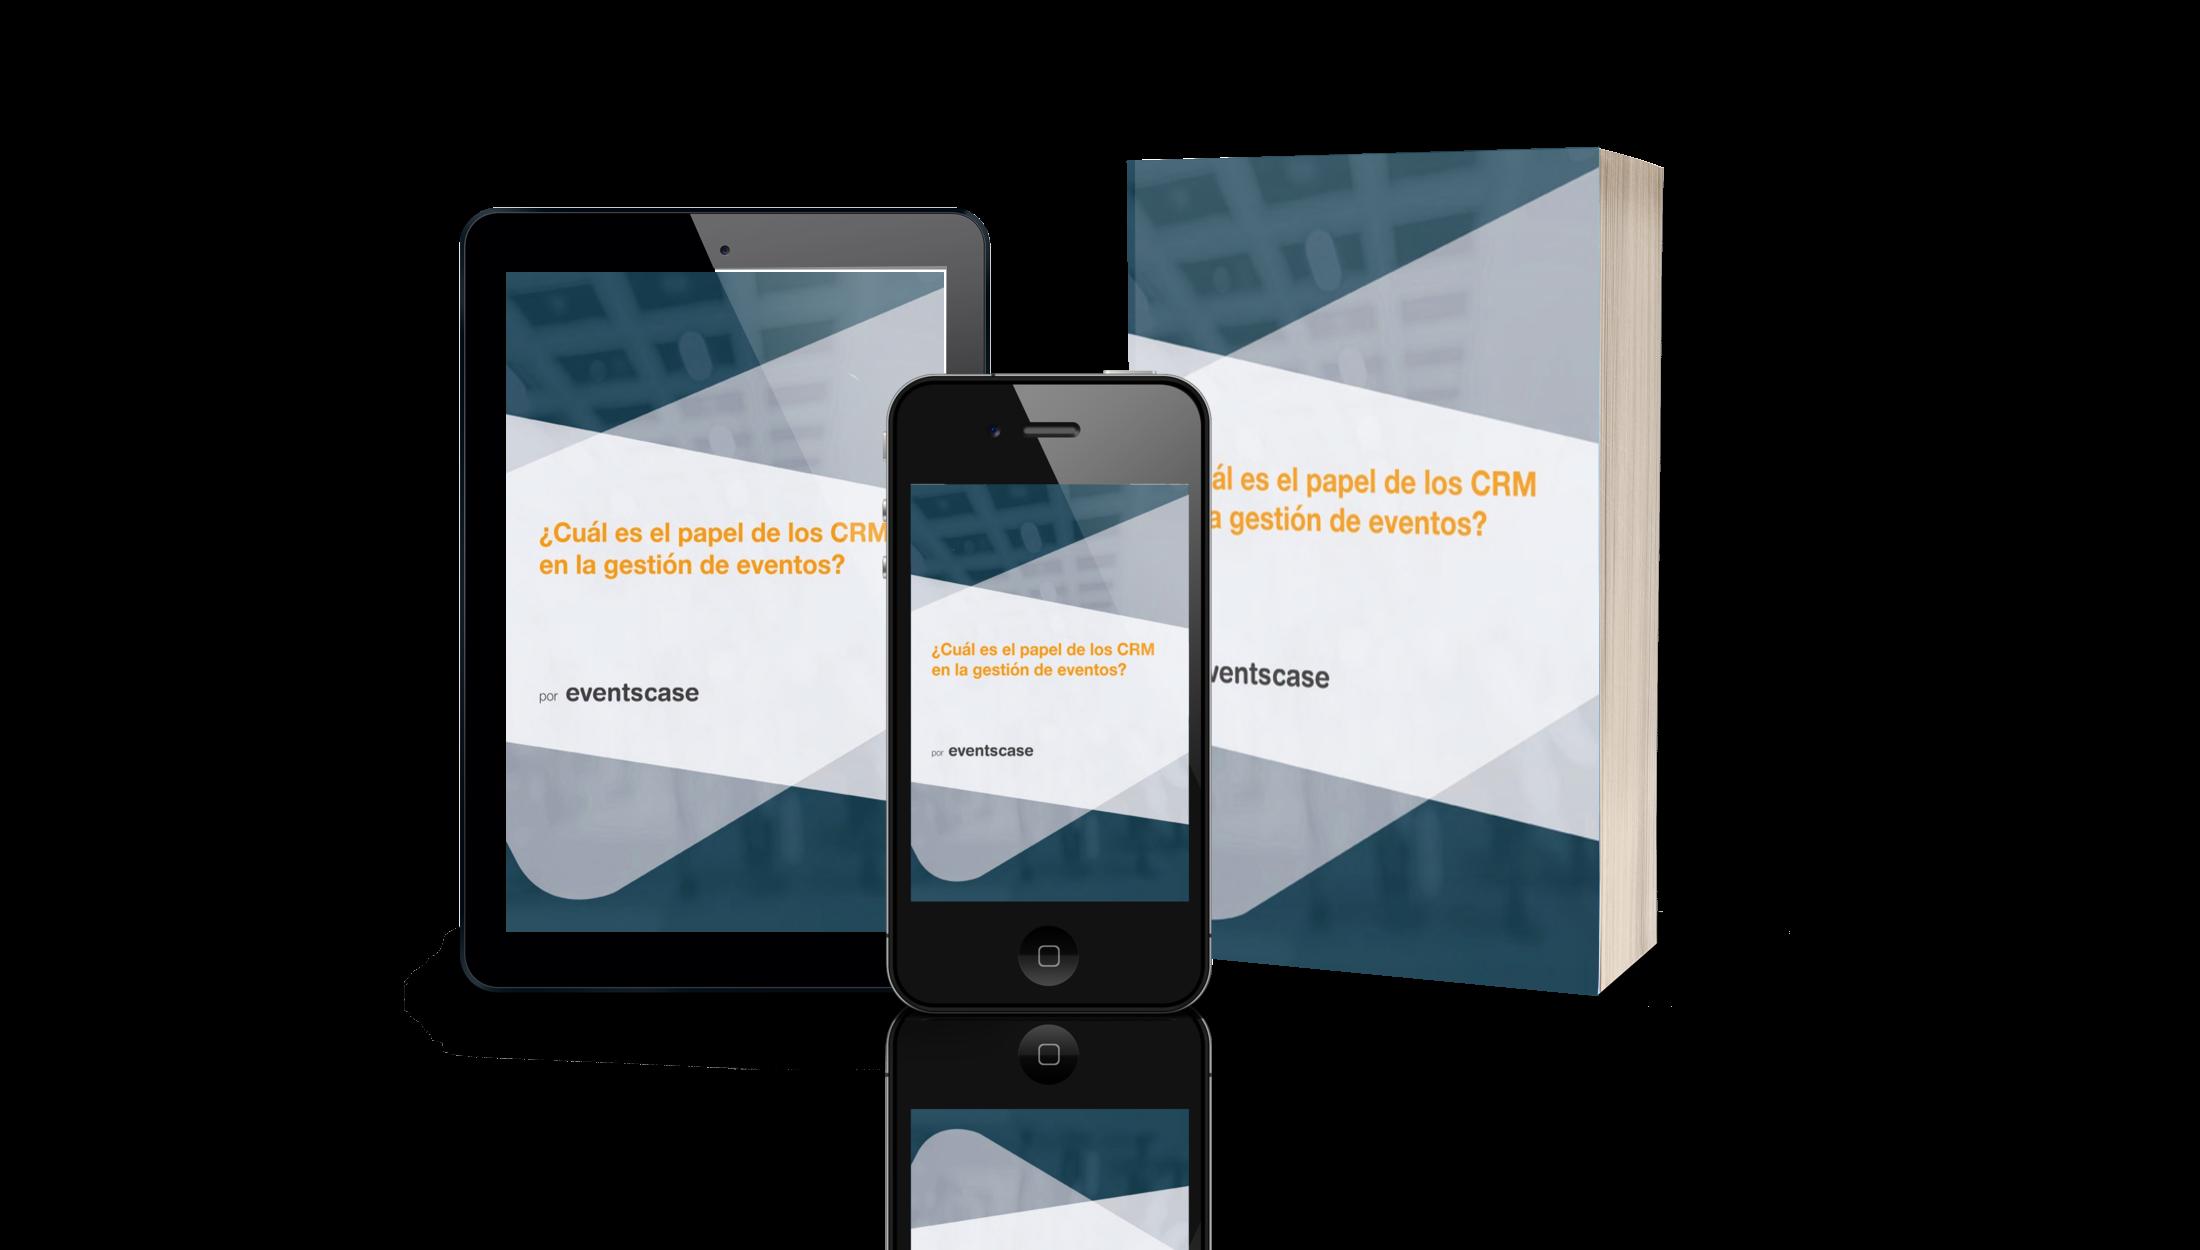 eventscase crm whitepaper es - ¿Cuál es el papel de los CRM en la gestión de eventos?